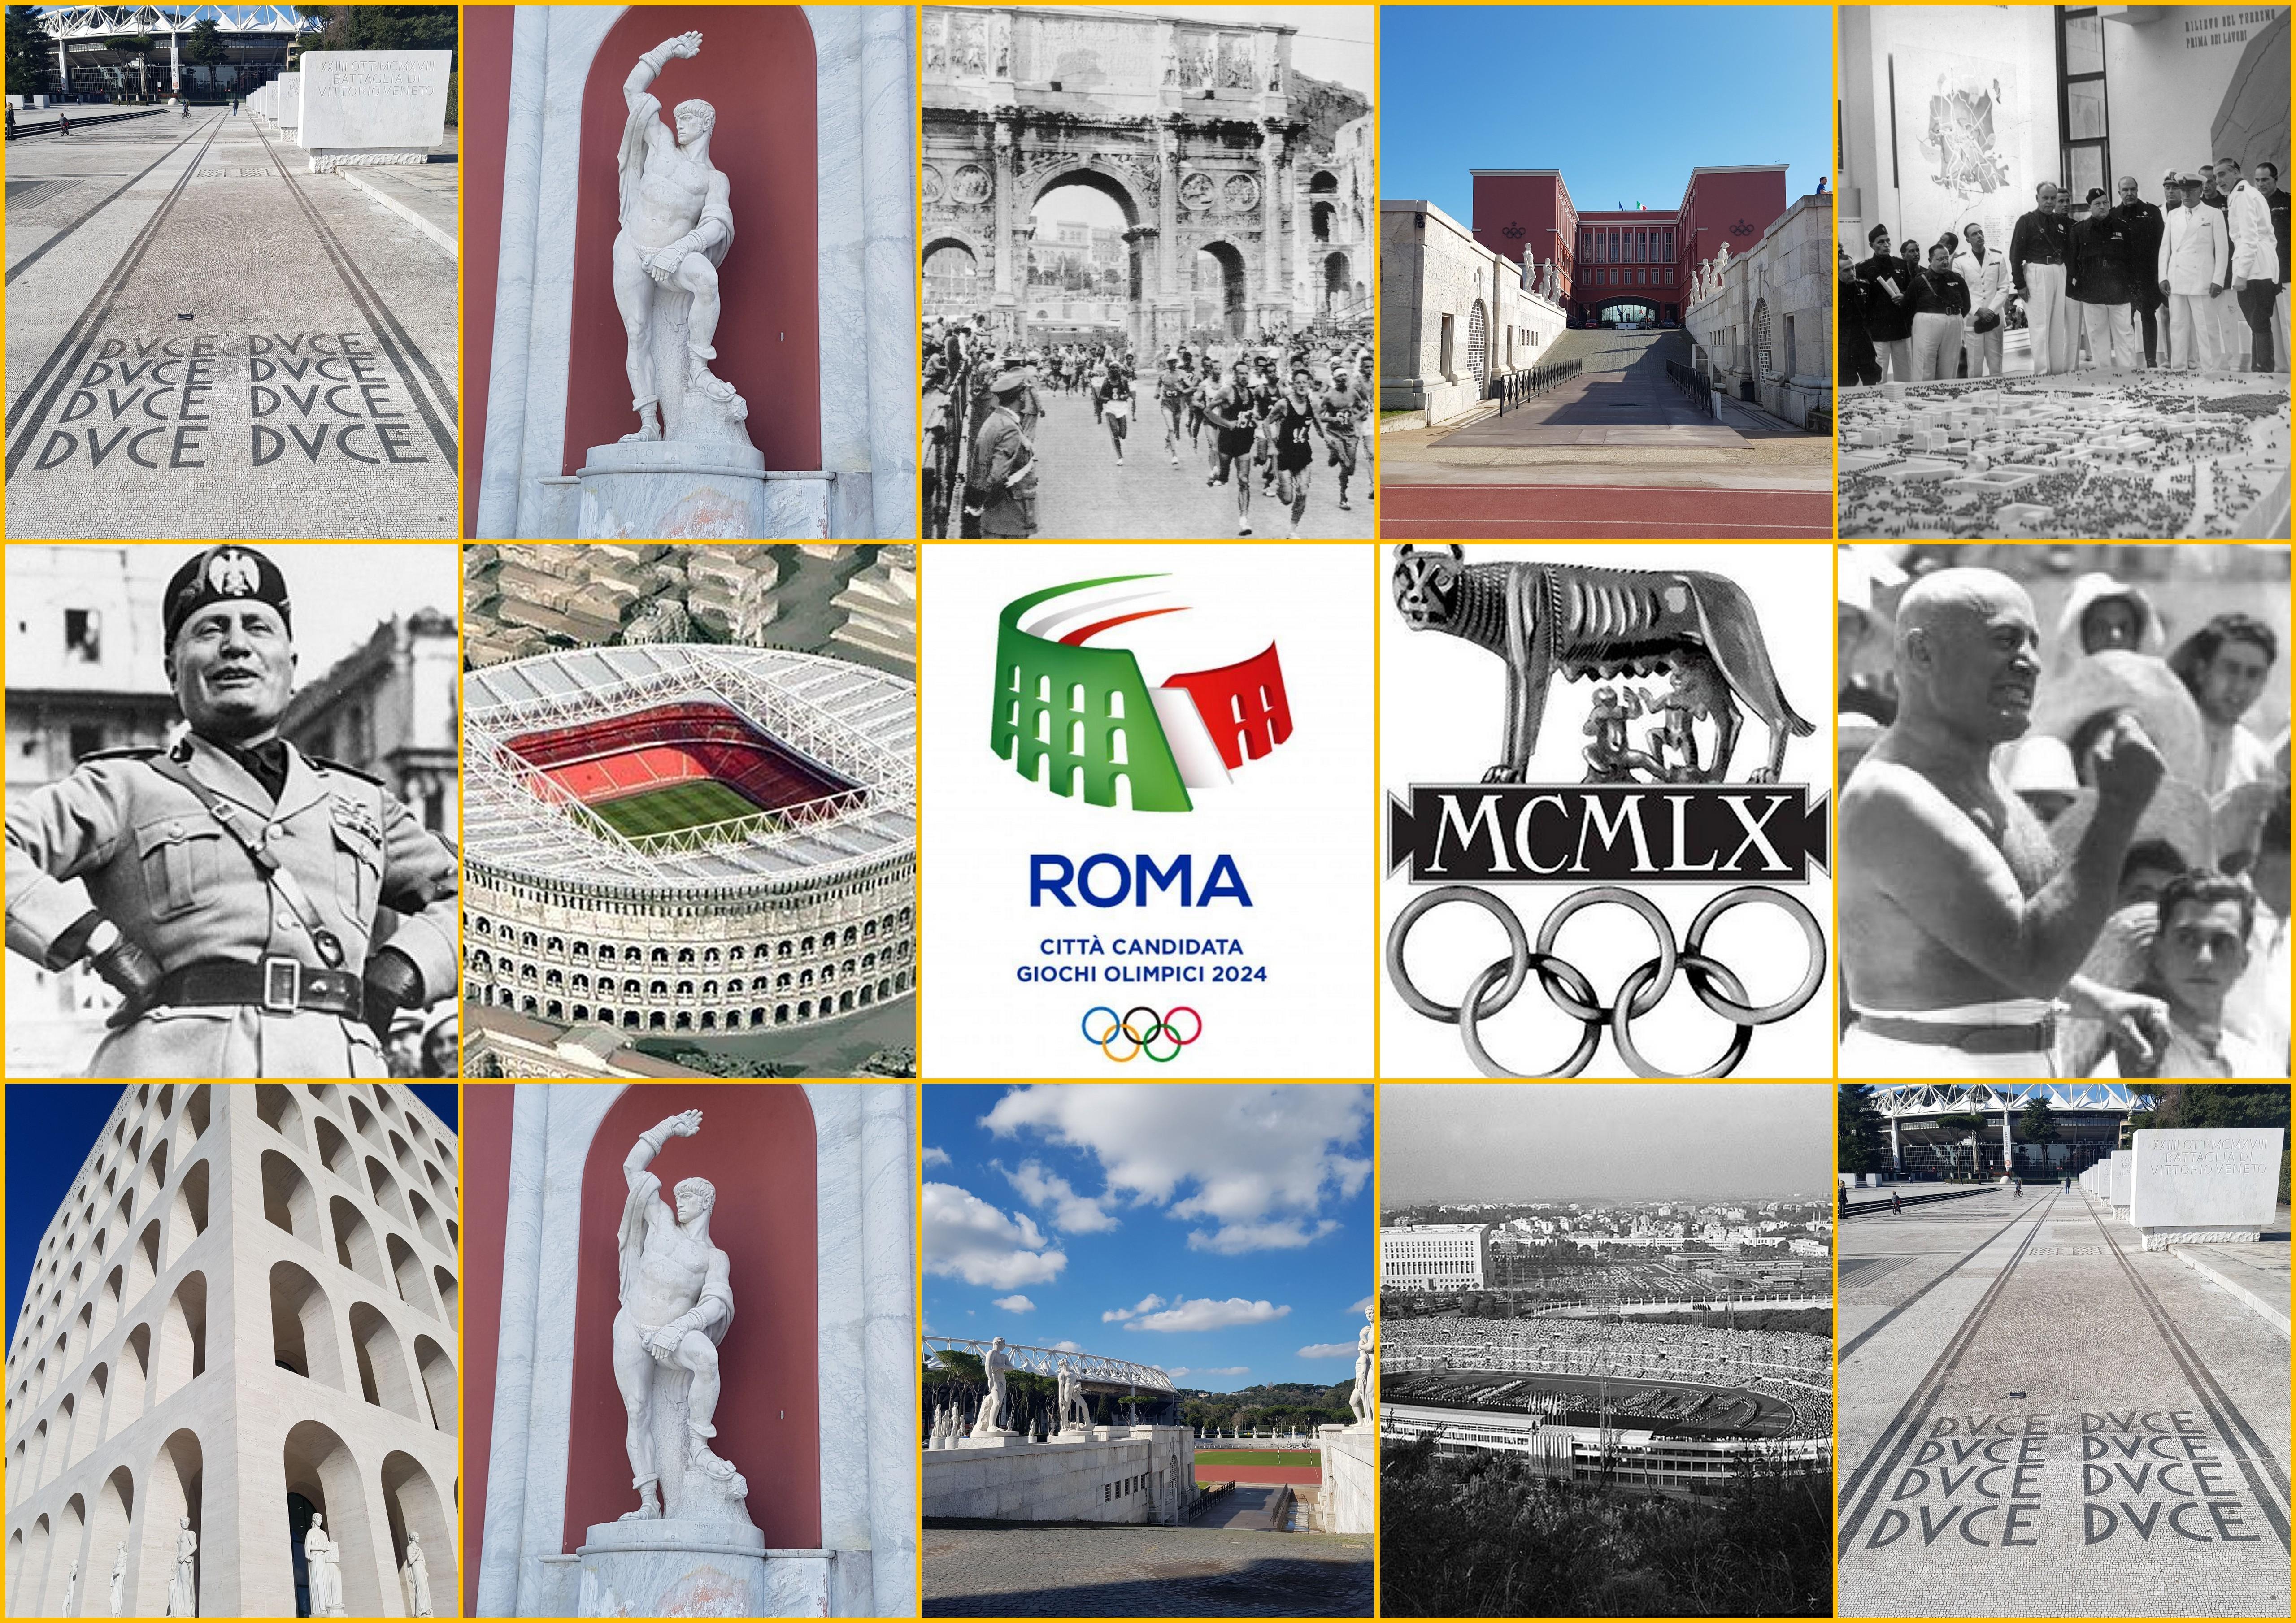 roma_olimpia.jpg